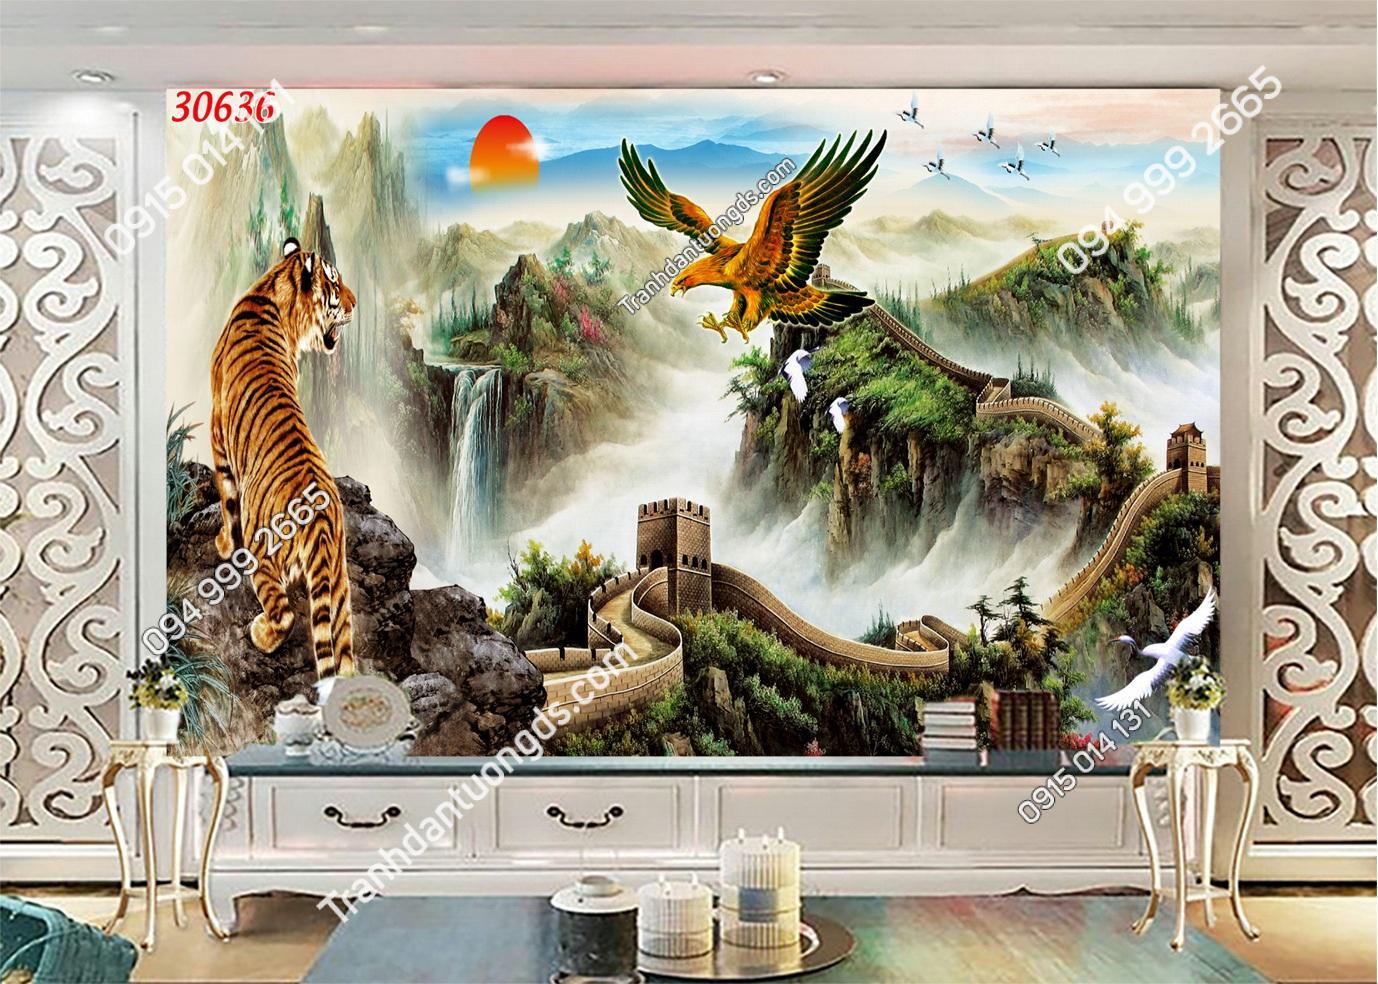 Tranh dán tường hổ và đại bàng 30636